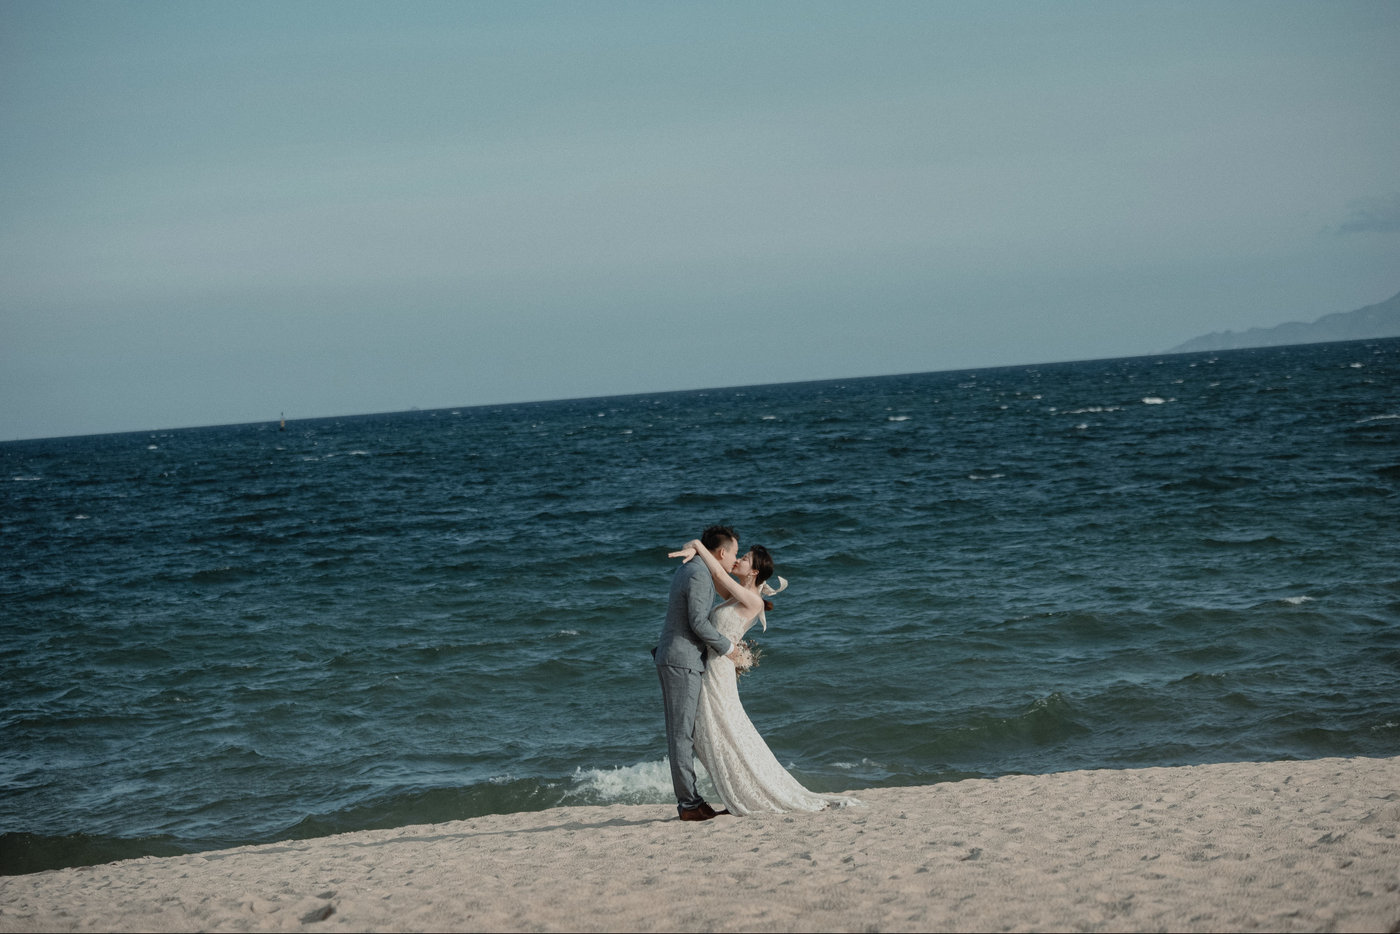 温软的海风拂过心弦——深圳玫瑰海岸8